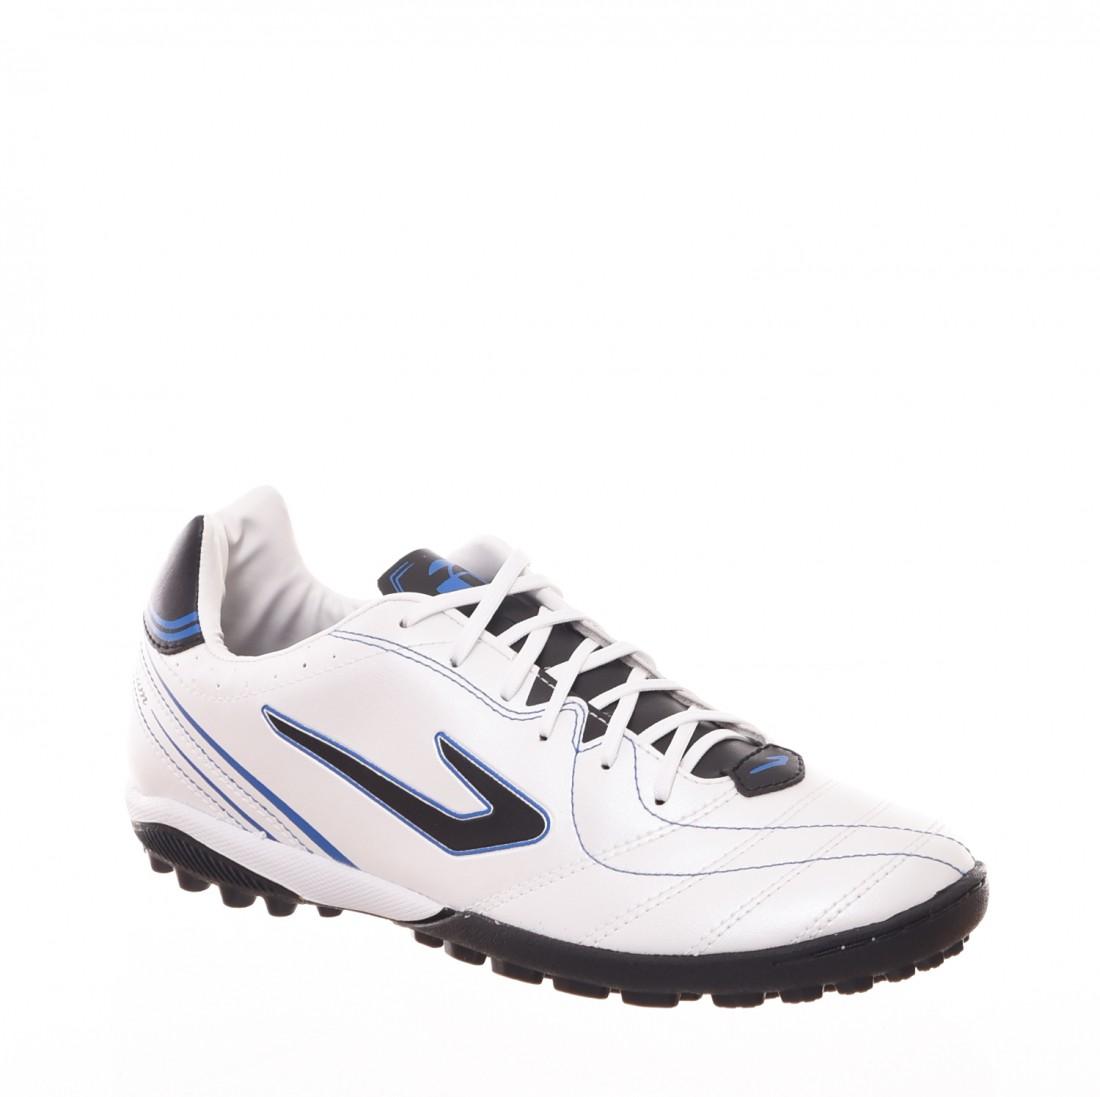 56e18016b4 Chuteira Society Topper Titanium 6 Detalhe Costura Branco e Azul ...